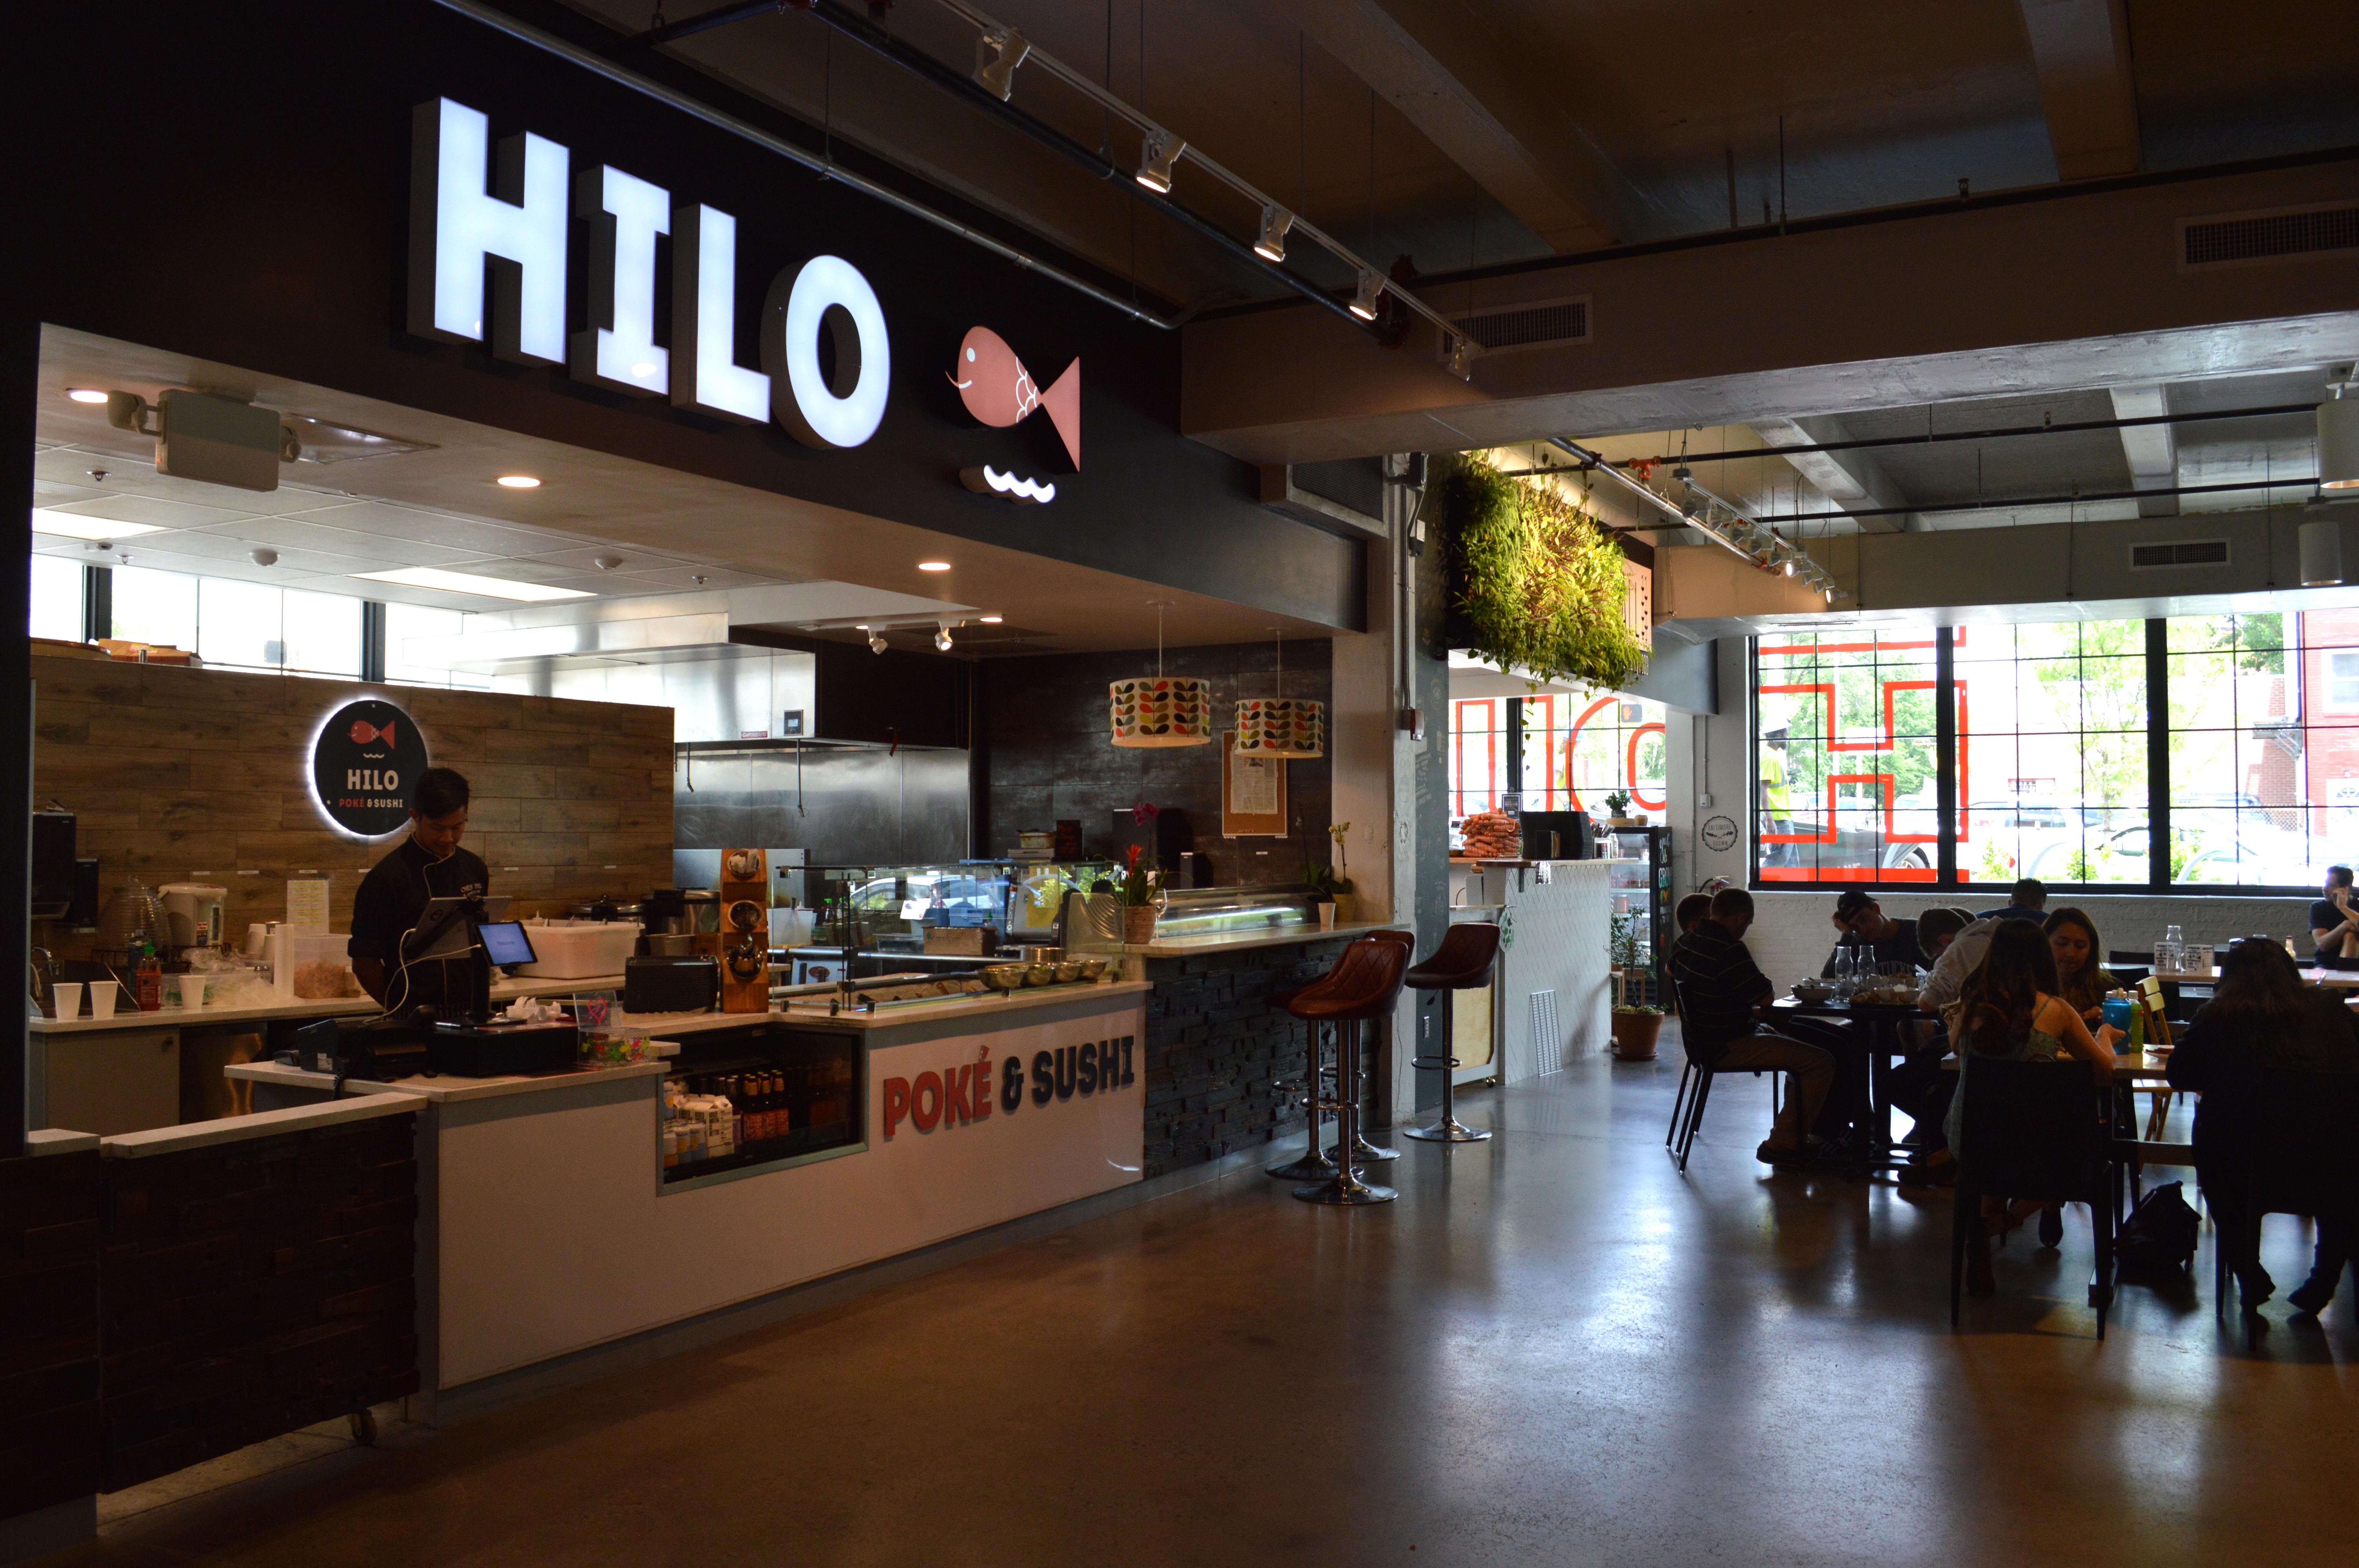 Hilo serves up poke bowls and sushi wraps.